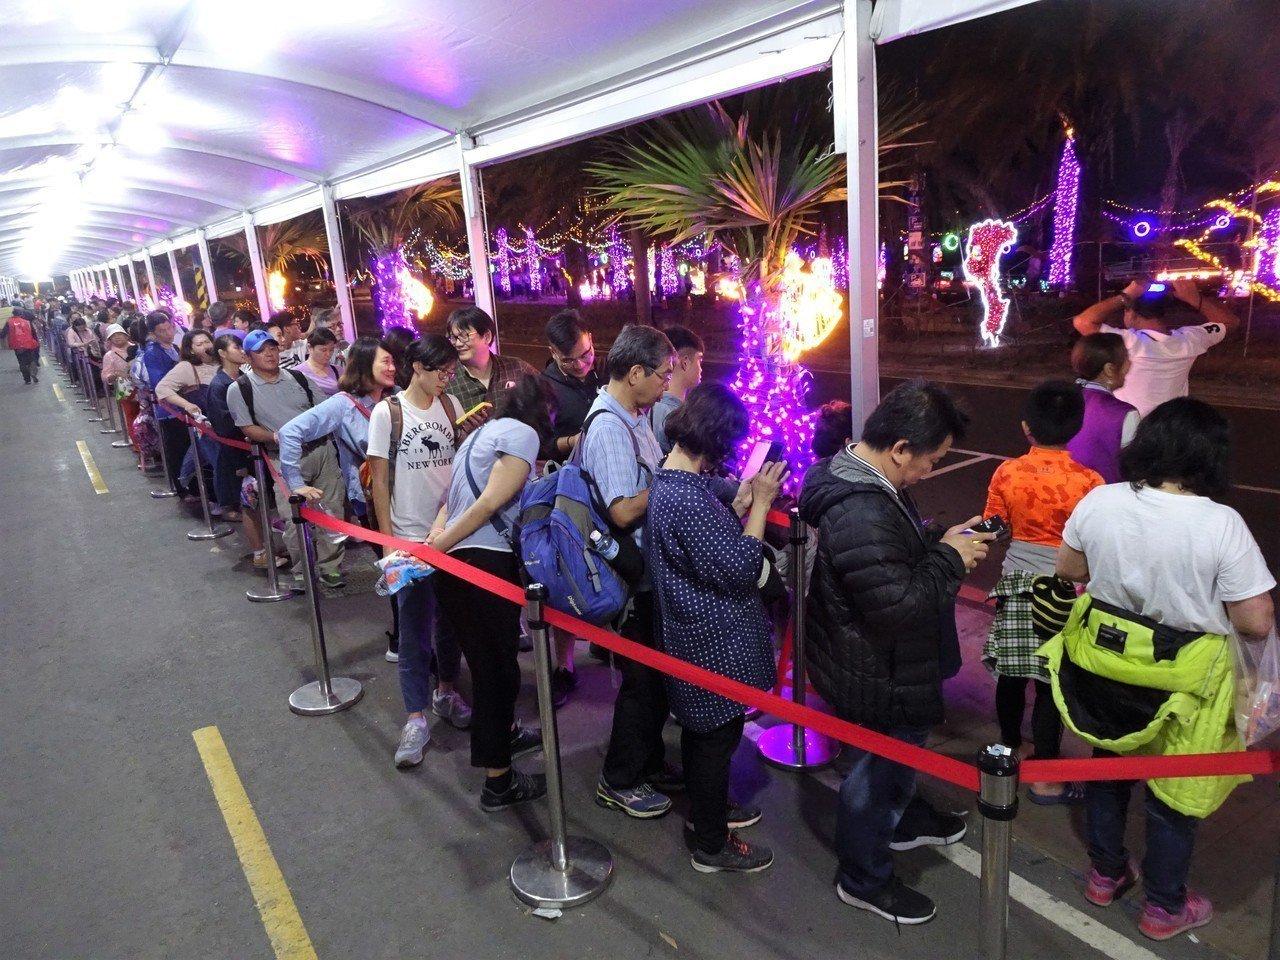 在屏東大鵬灣舉辦的台灣燈會話題多,人氣搶搶滾,今天入園人數創182萬人次新高,散...